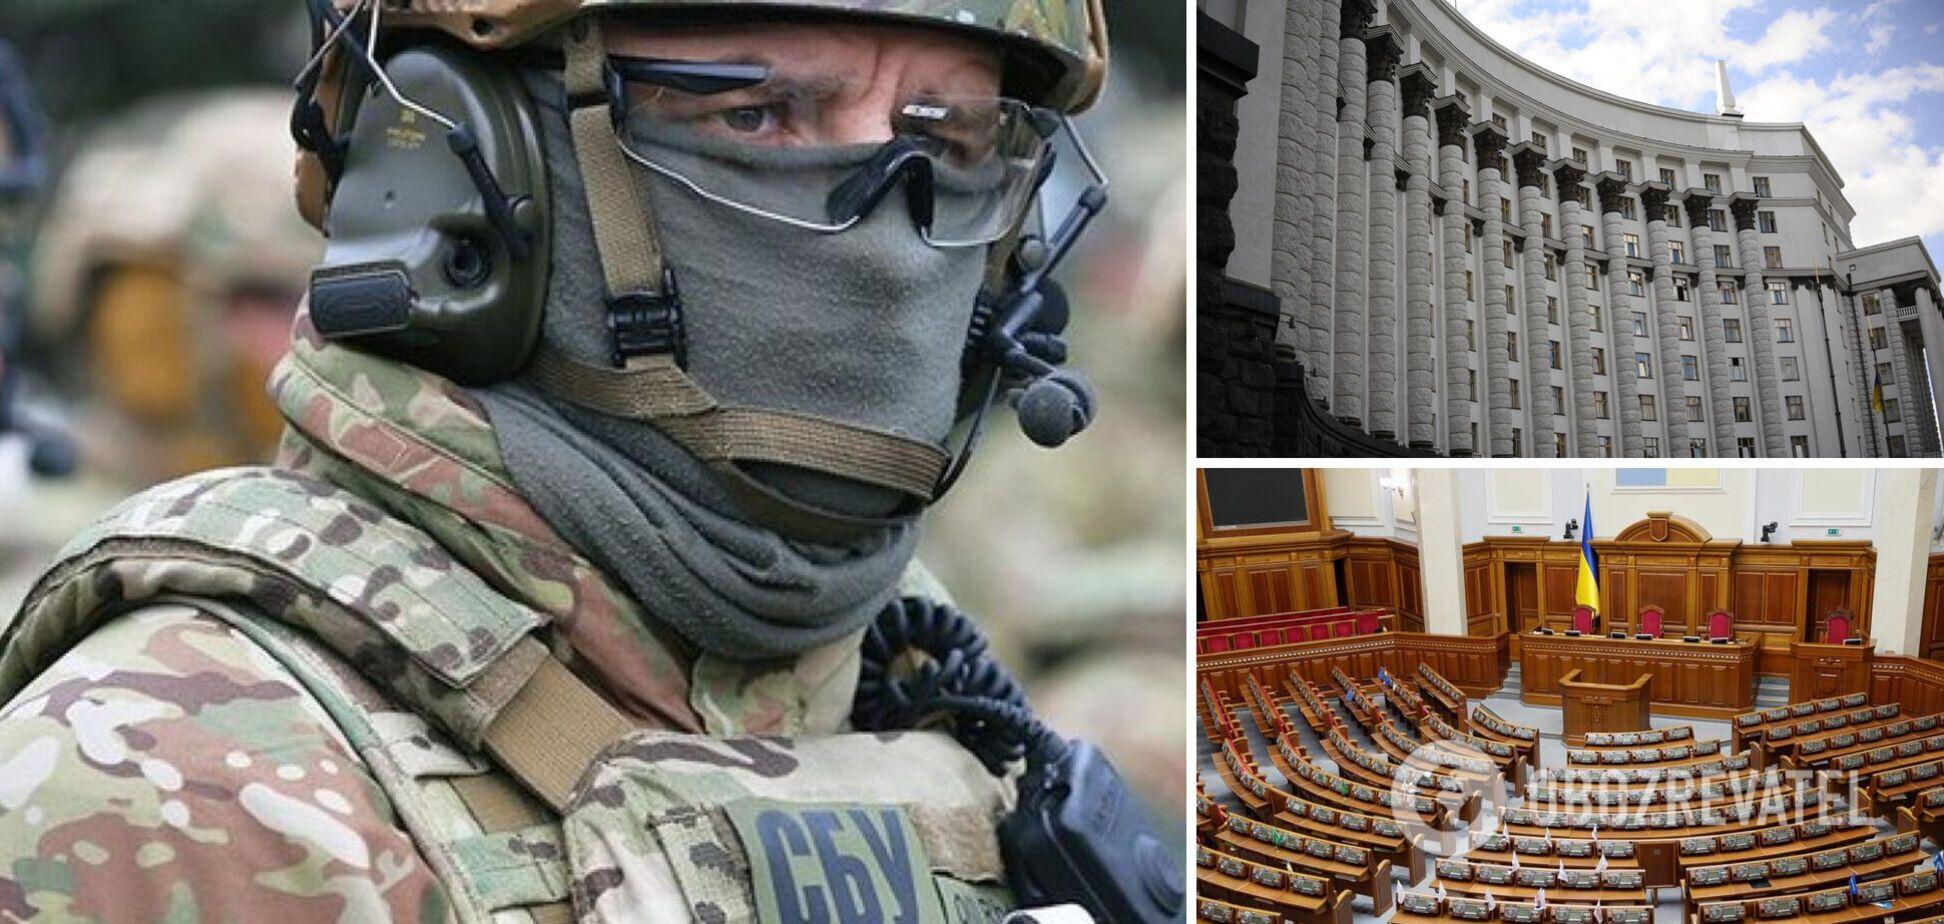 СБУ провела обыски по делу о Харьковских соглашениях в главных госорганах Украины. Фото